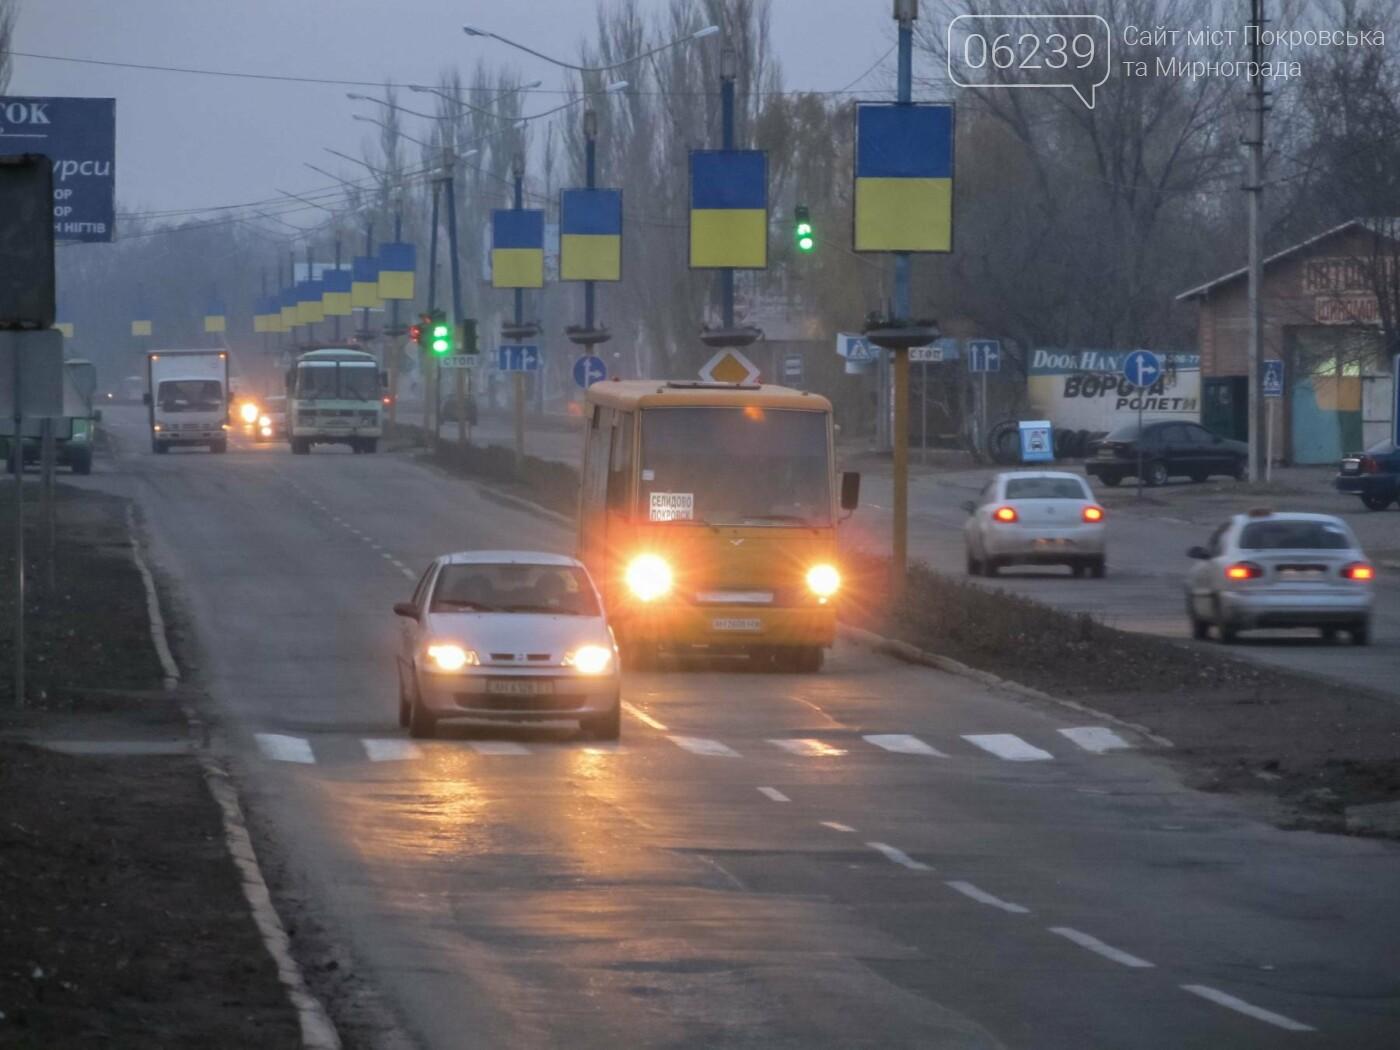 До уваги водіїв Покровська та Мирнограду! Очікується погіршення погодних умов!, фото-1